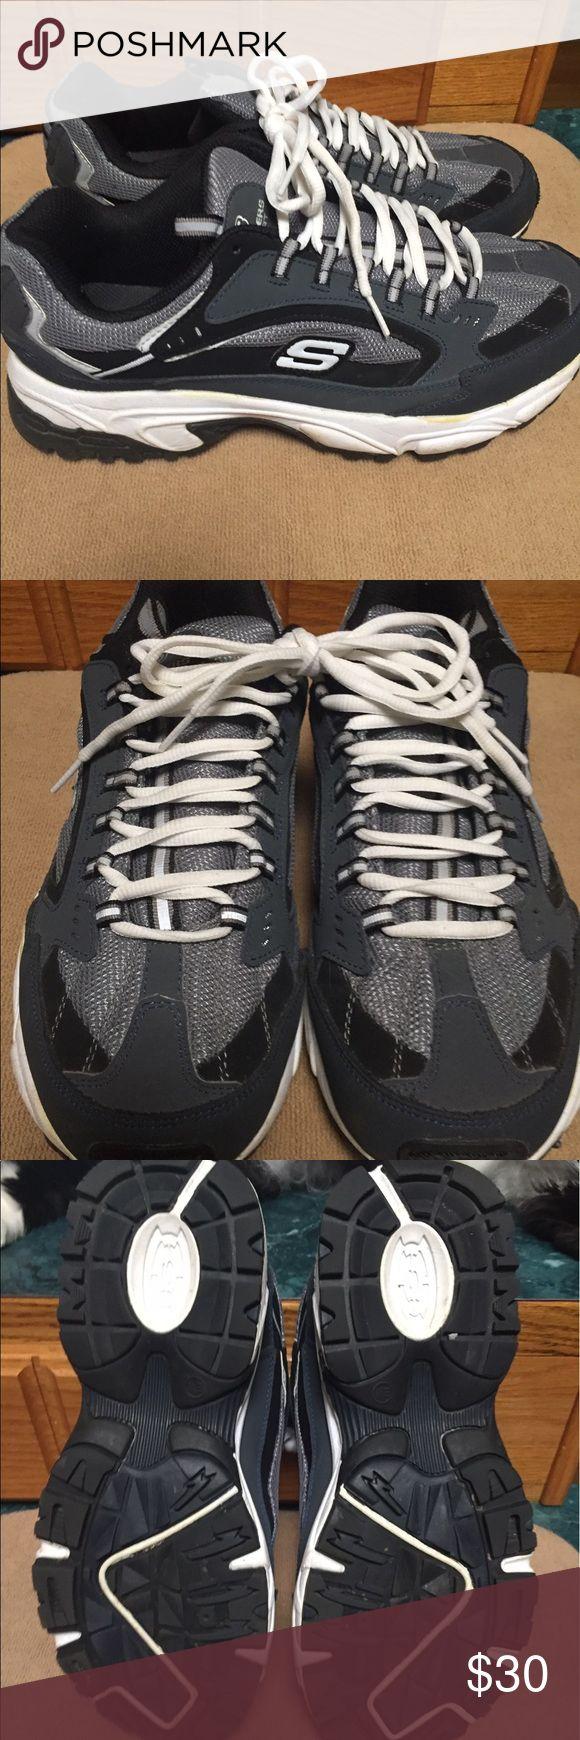 Men's Sketchers 10 1/2 Never Worn Never Worn Men's Sketchers Tennis Shoes Very Nice !!! Skechers Shoes Sneakers